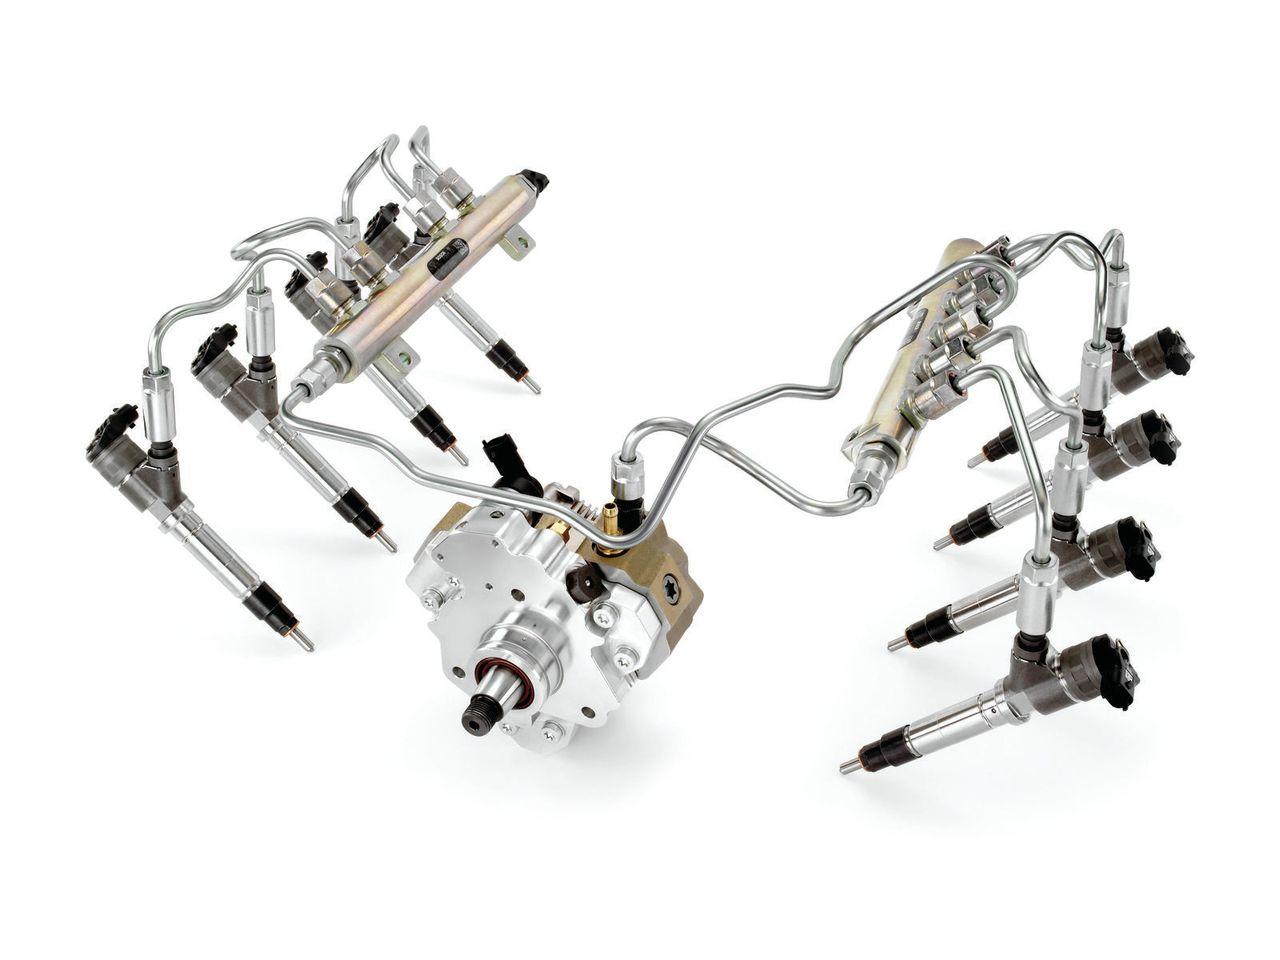 схема элетро оборудования ровер 200 1997 года выпуска